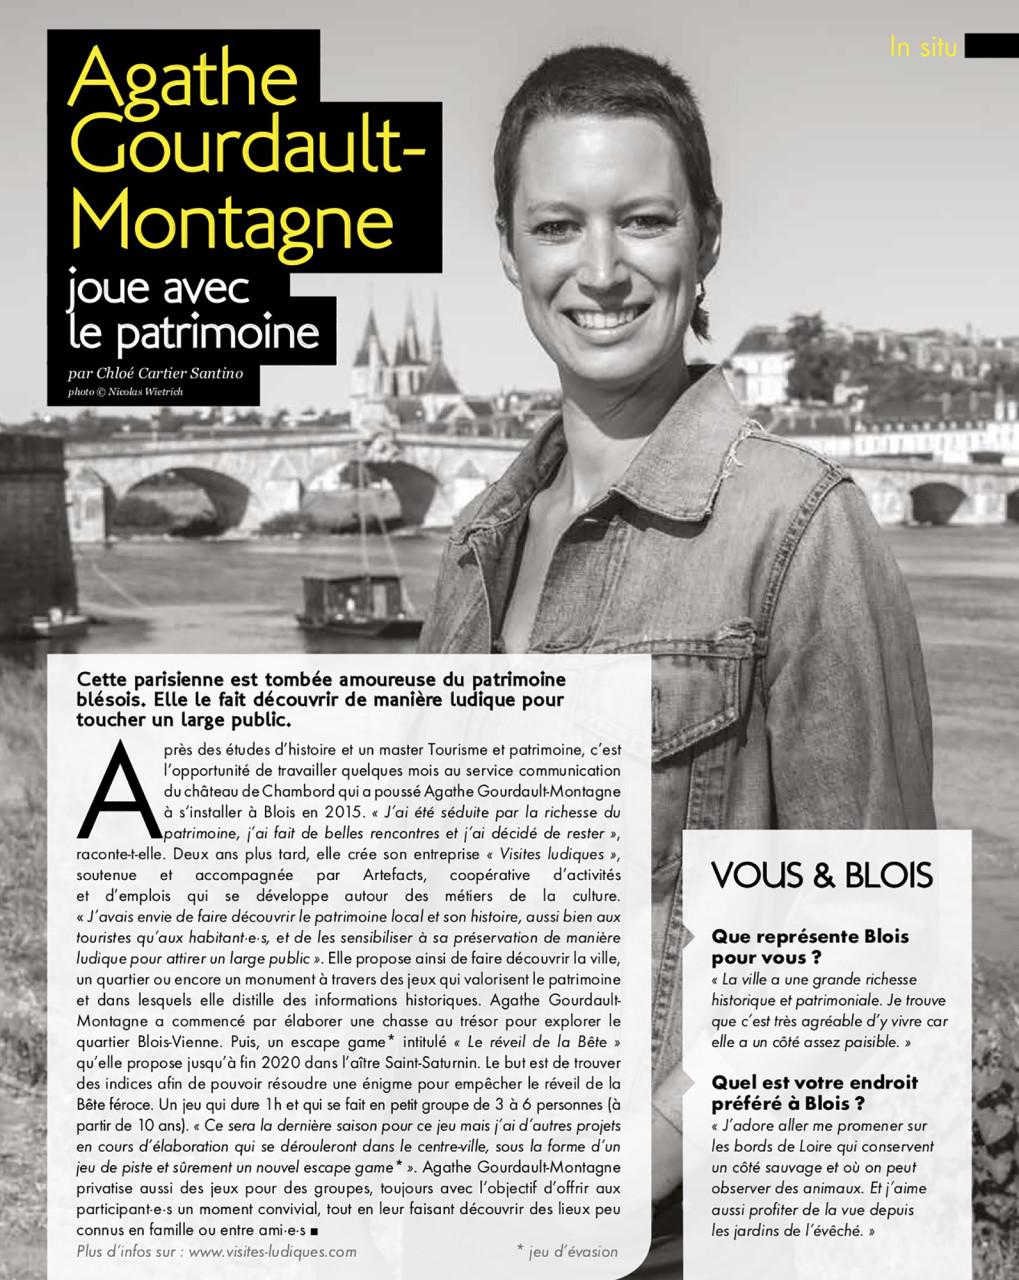 Parution dans Blois Mag de juillet/août 2020 : Texte Chloé Cartier-Santino. Photo © Nicolas Wietrich